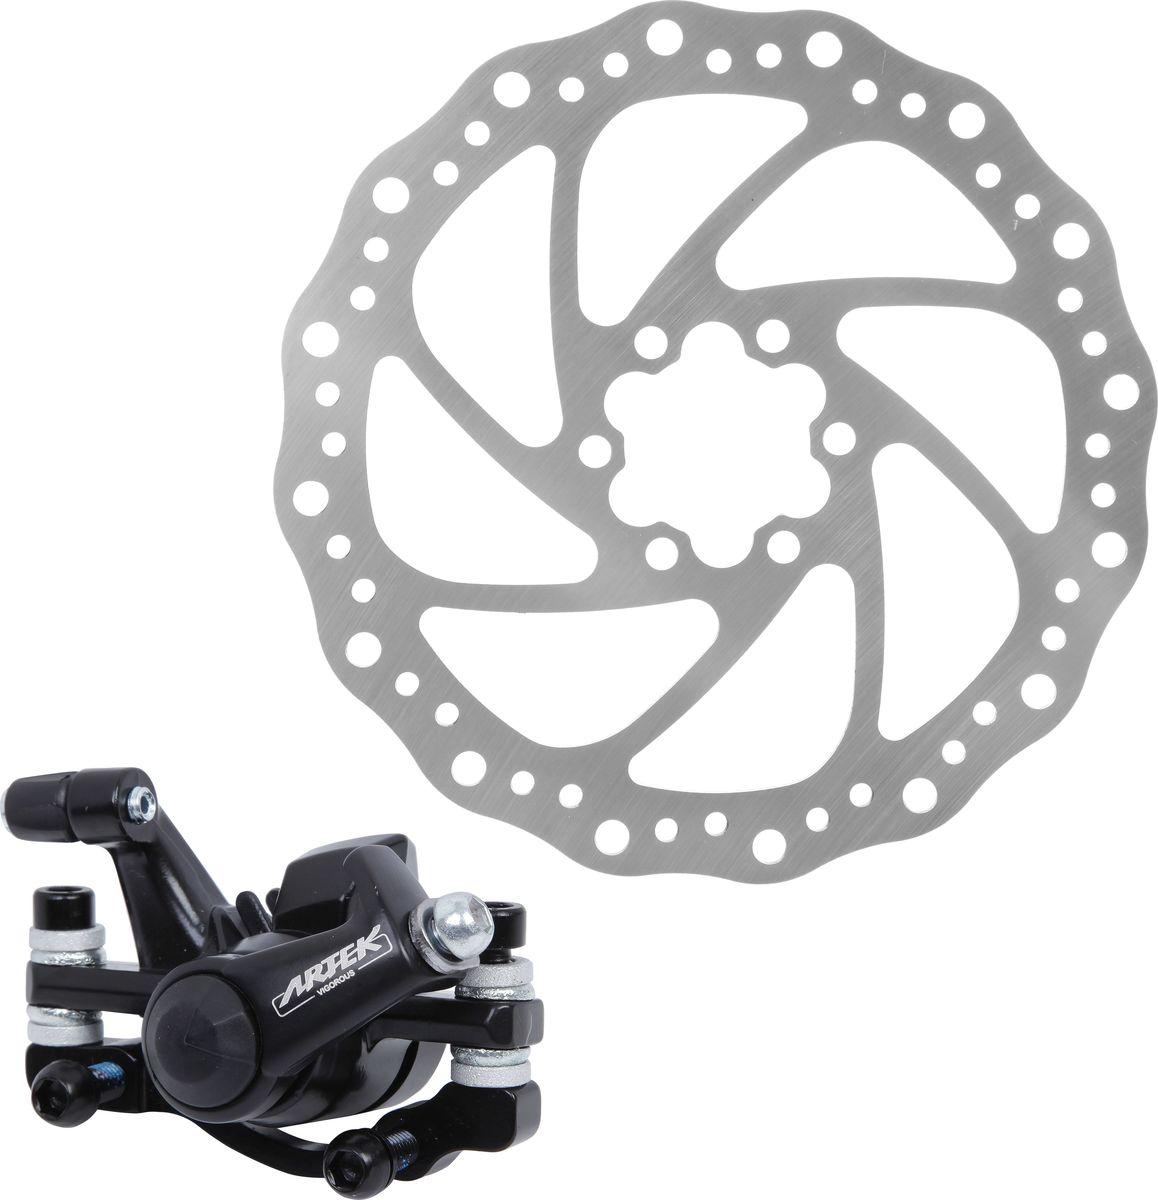 Тормоз механический дисковый Artek ADC-09Х75245Велосипед, как и любой другой вид транспорта, должен быть оборудован такими тормозами, которые смогут гарантированно остановить его, но при этом не будут излишне большими по размеру и весу. Тормоз механический дисковый Artek обеспечит вам качественное и своевременное торможение.